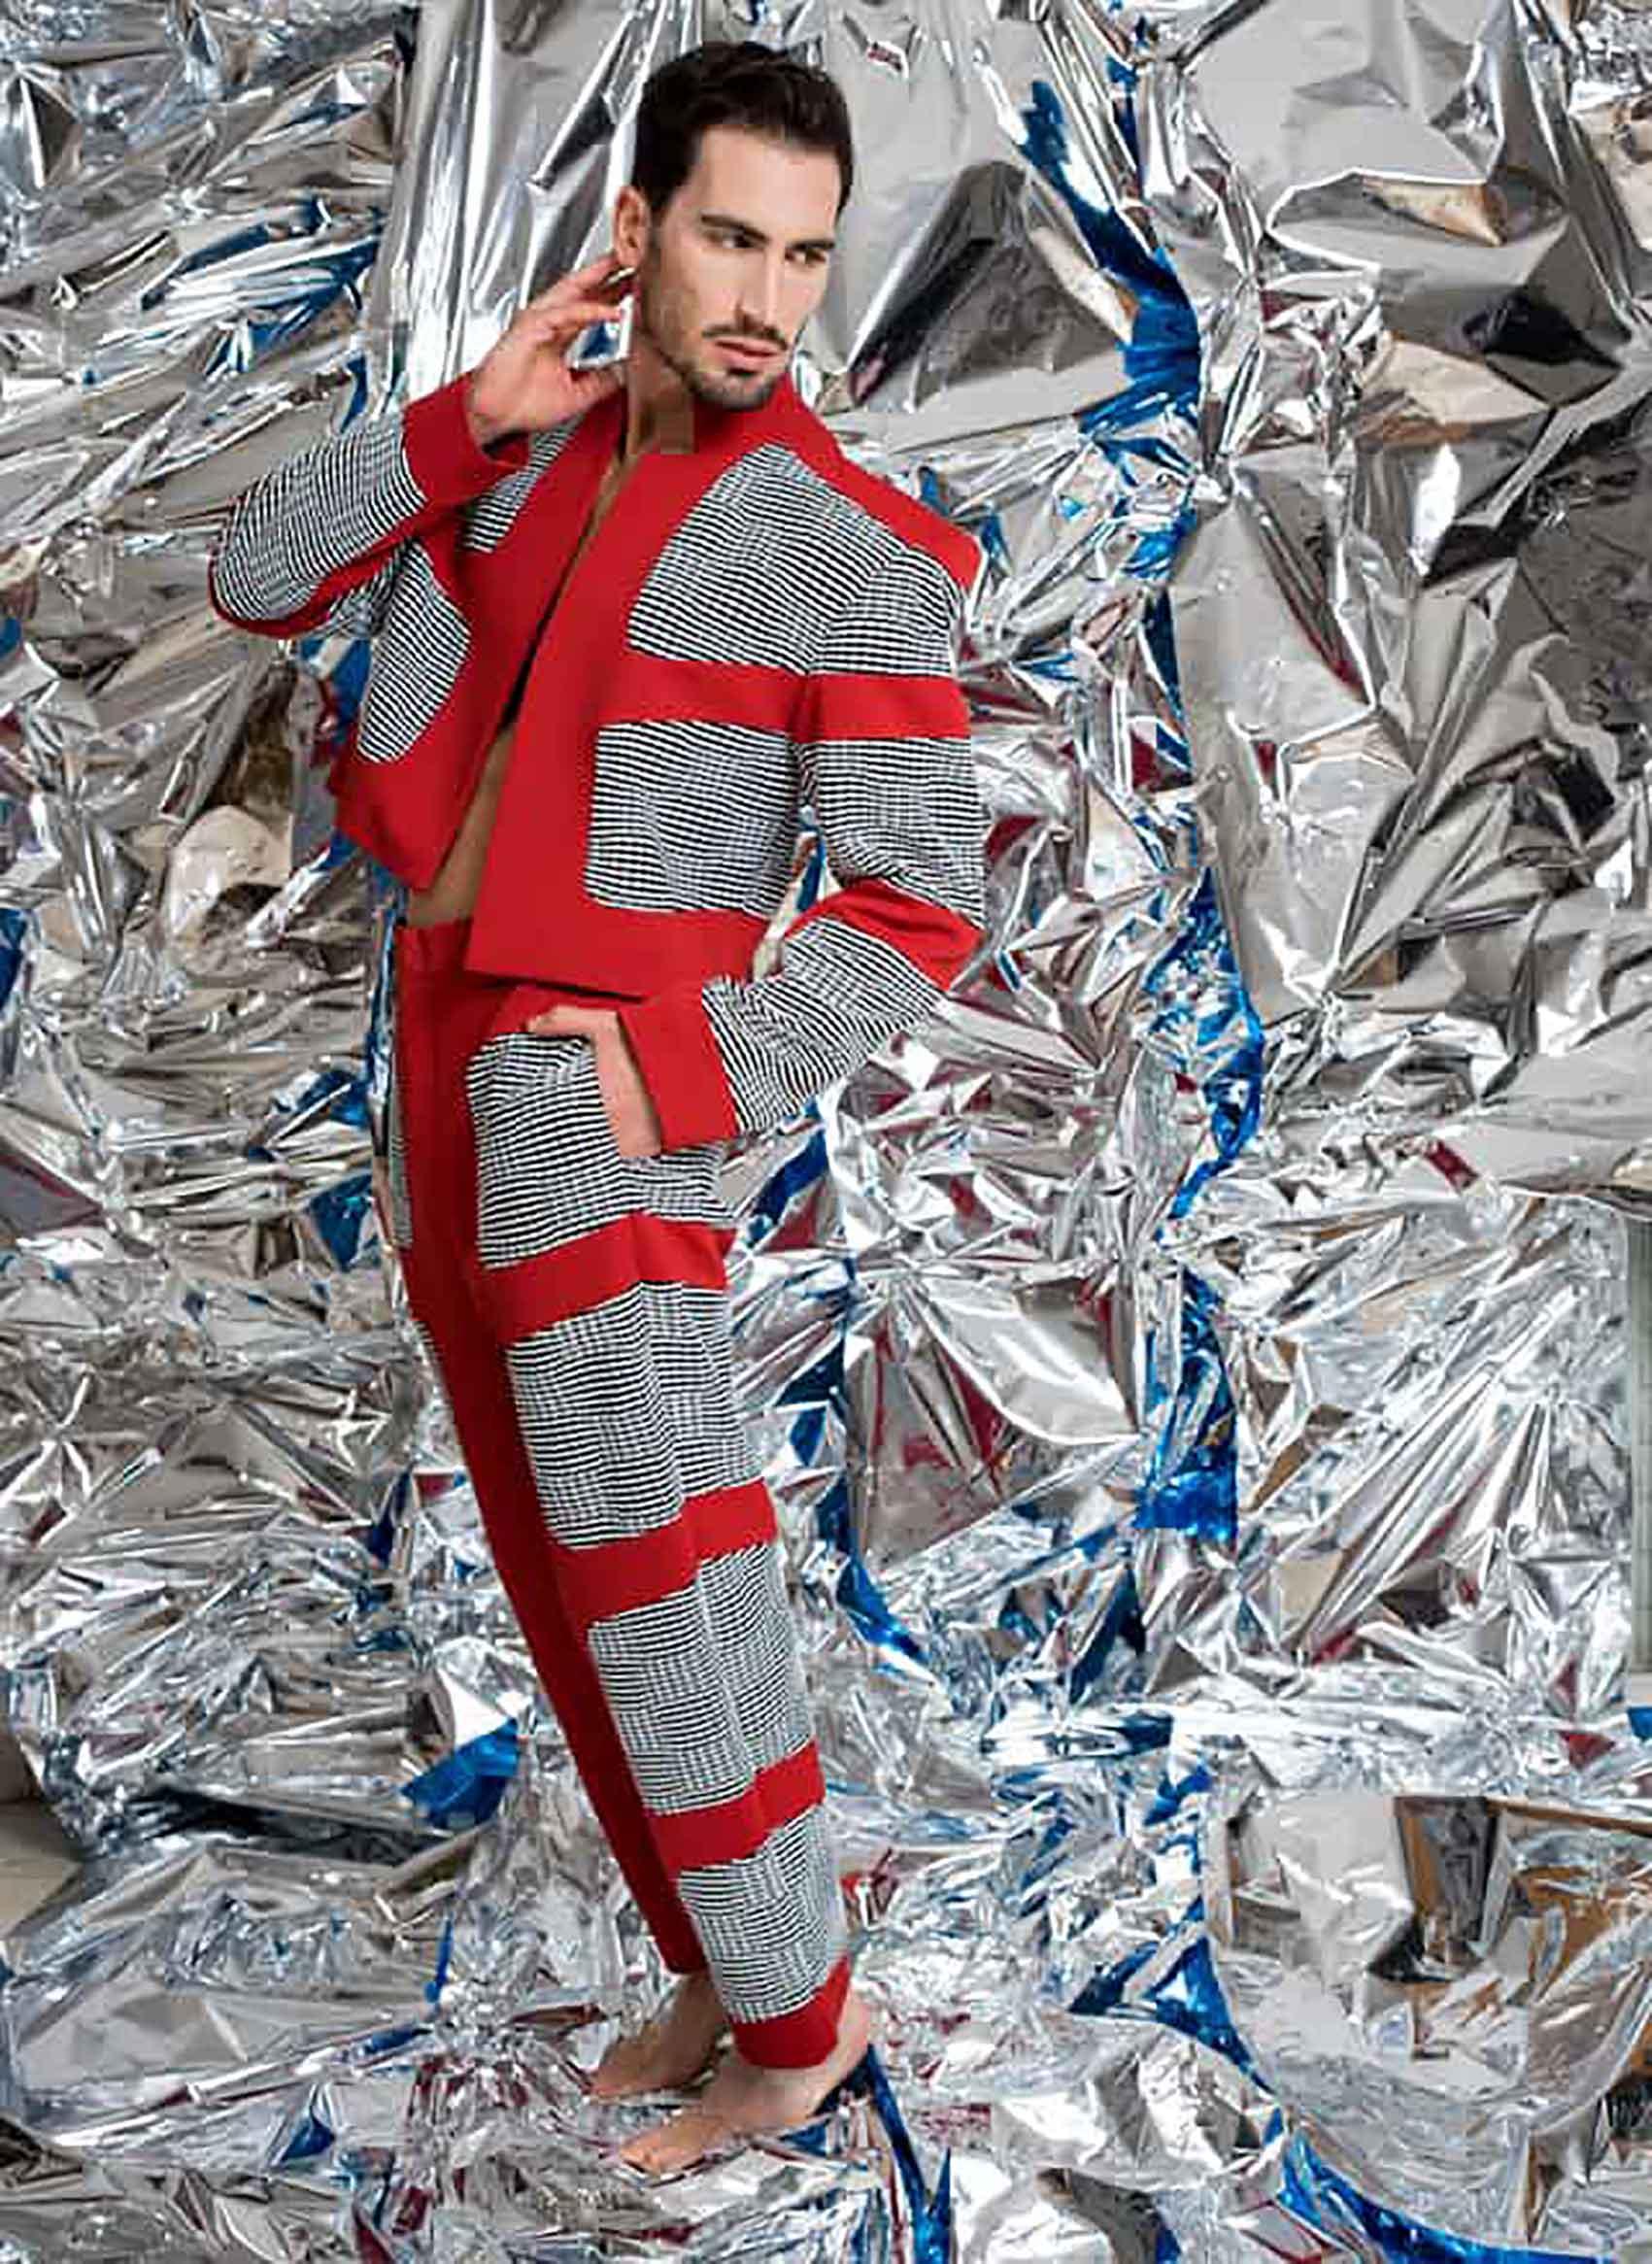 עיצוב אופנה: תומר סטולבוב: מיטל אזולאי, איפור: מאיה אפרת, עיצוב שיער: Emmanuel Chicheportiche, דוגמן: אייל אור